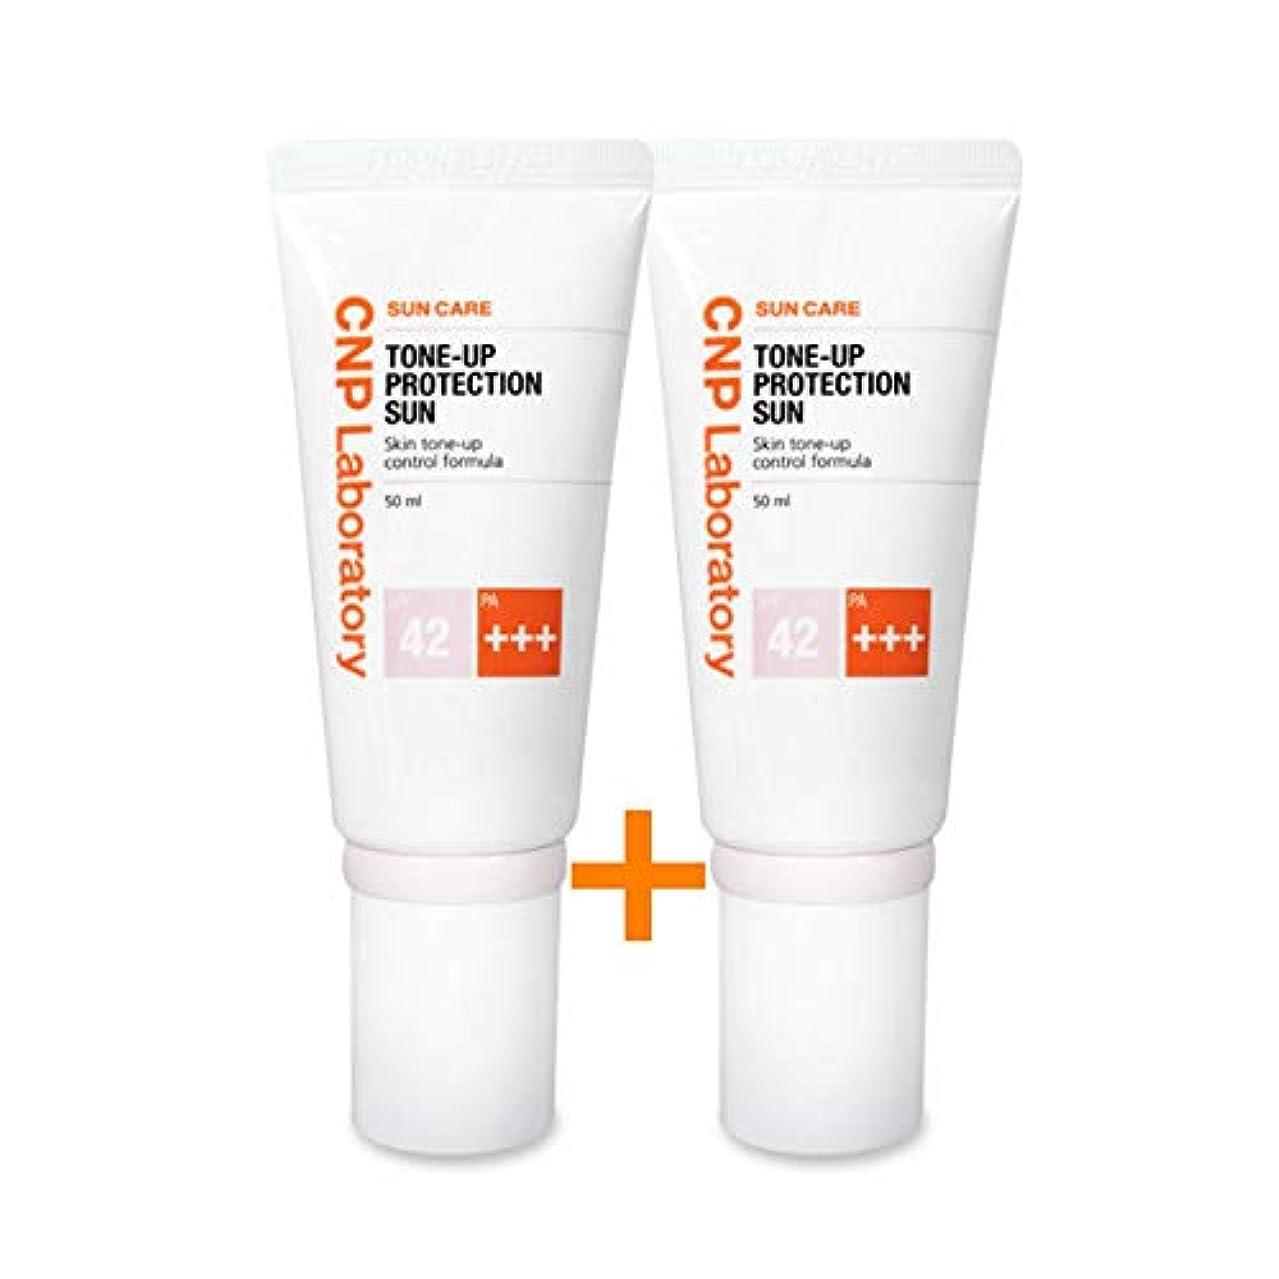 同性愛者反発分析する[ 1 + 1 ] CNPトンオププロテクションサン?クリーム紫外線遮断剤 (SPF42 / PA+++) 50ml、CNP Tone-up Protection Sun Cream (SPF42 / PA+++) 50ml...